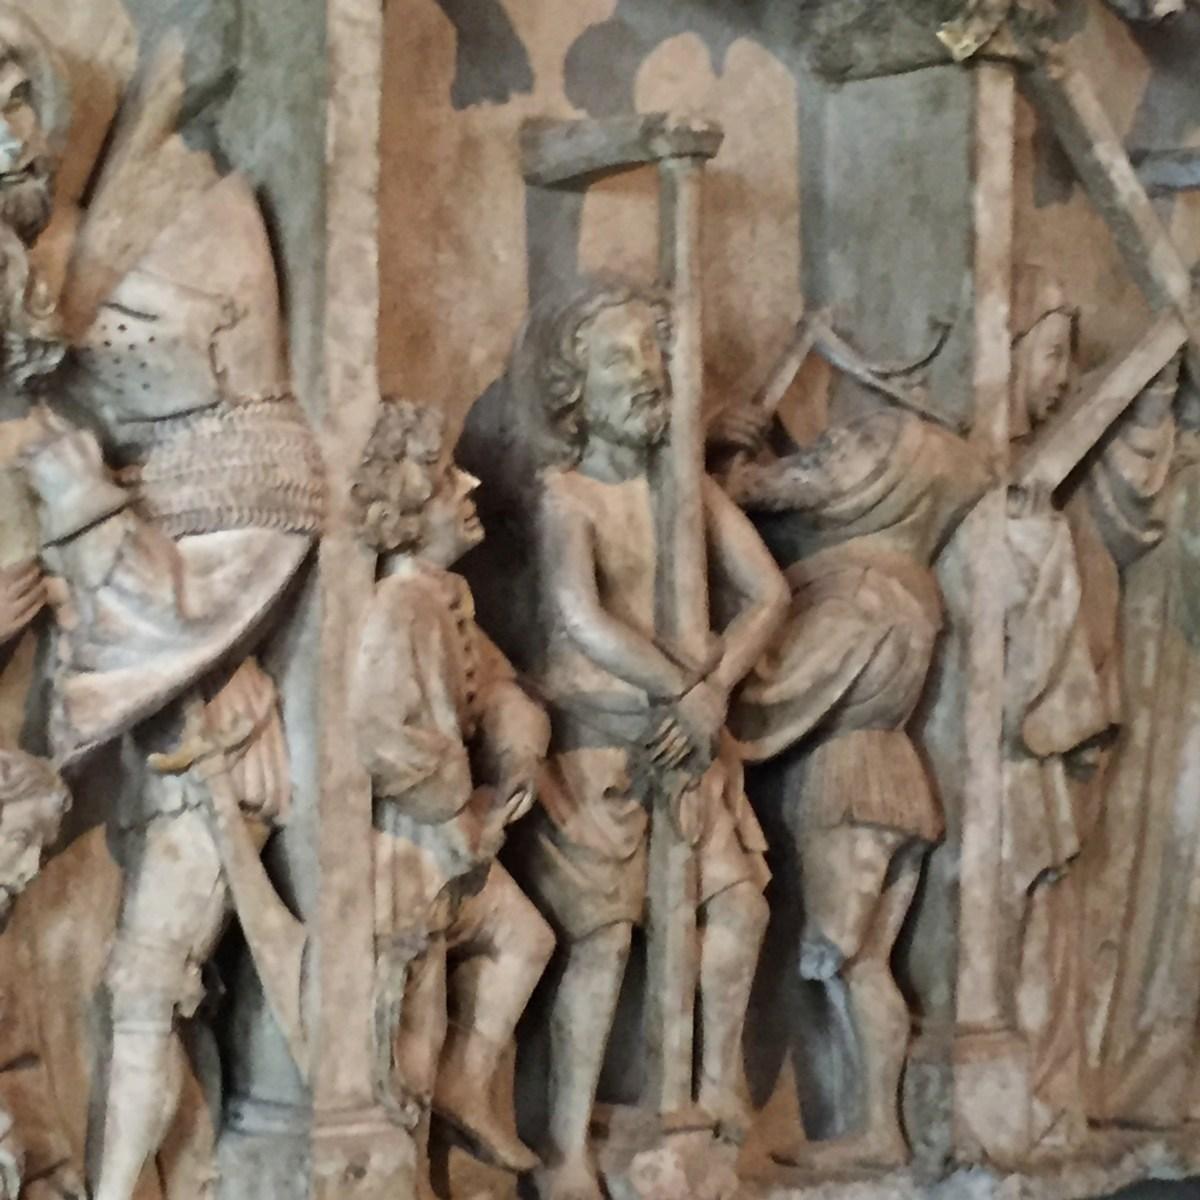 cloisters-detail-isabella-stewart-gardner